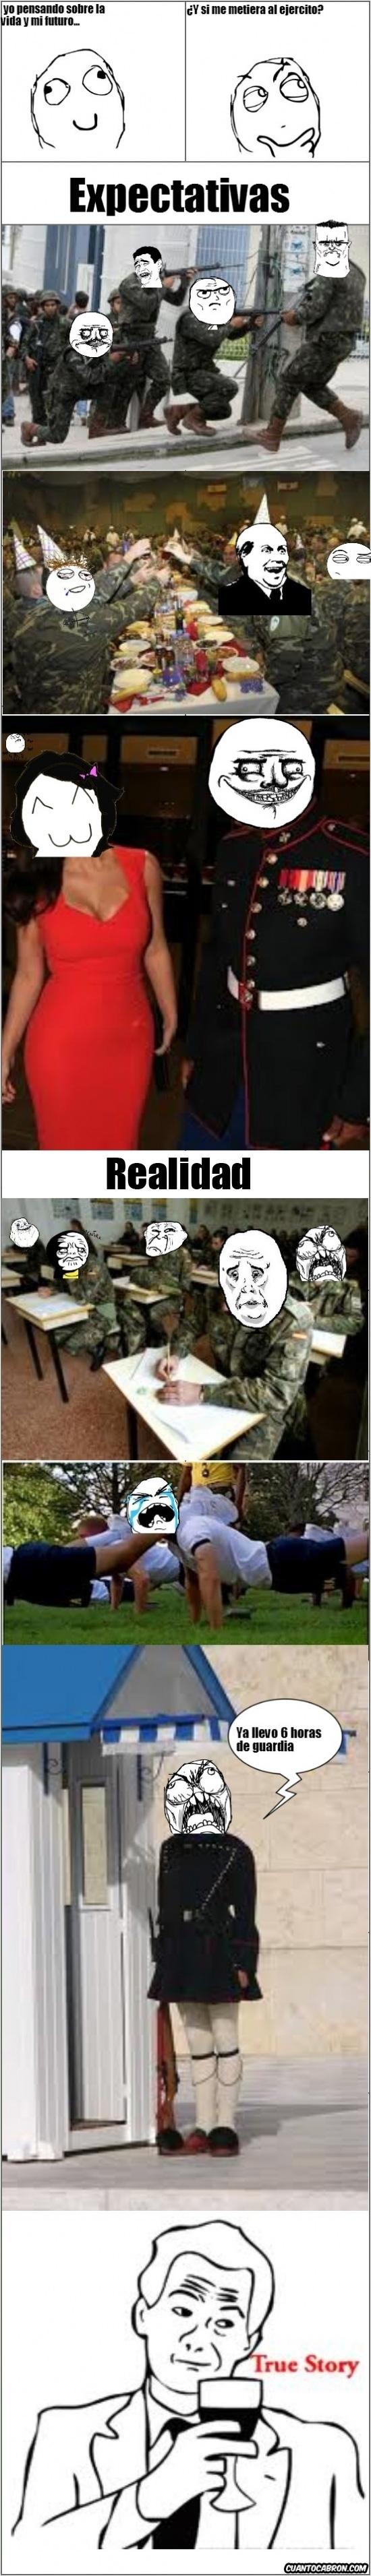 Ffffuuuuuuuuuu - ¿Vida militar?